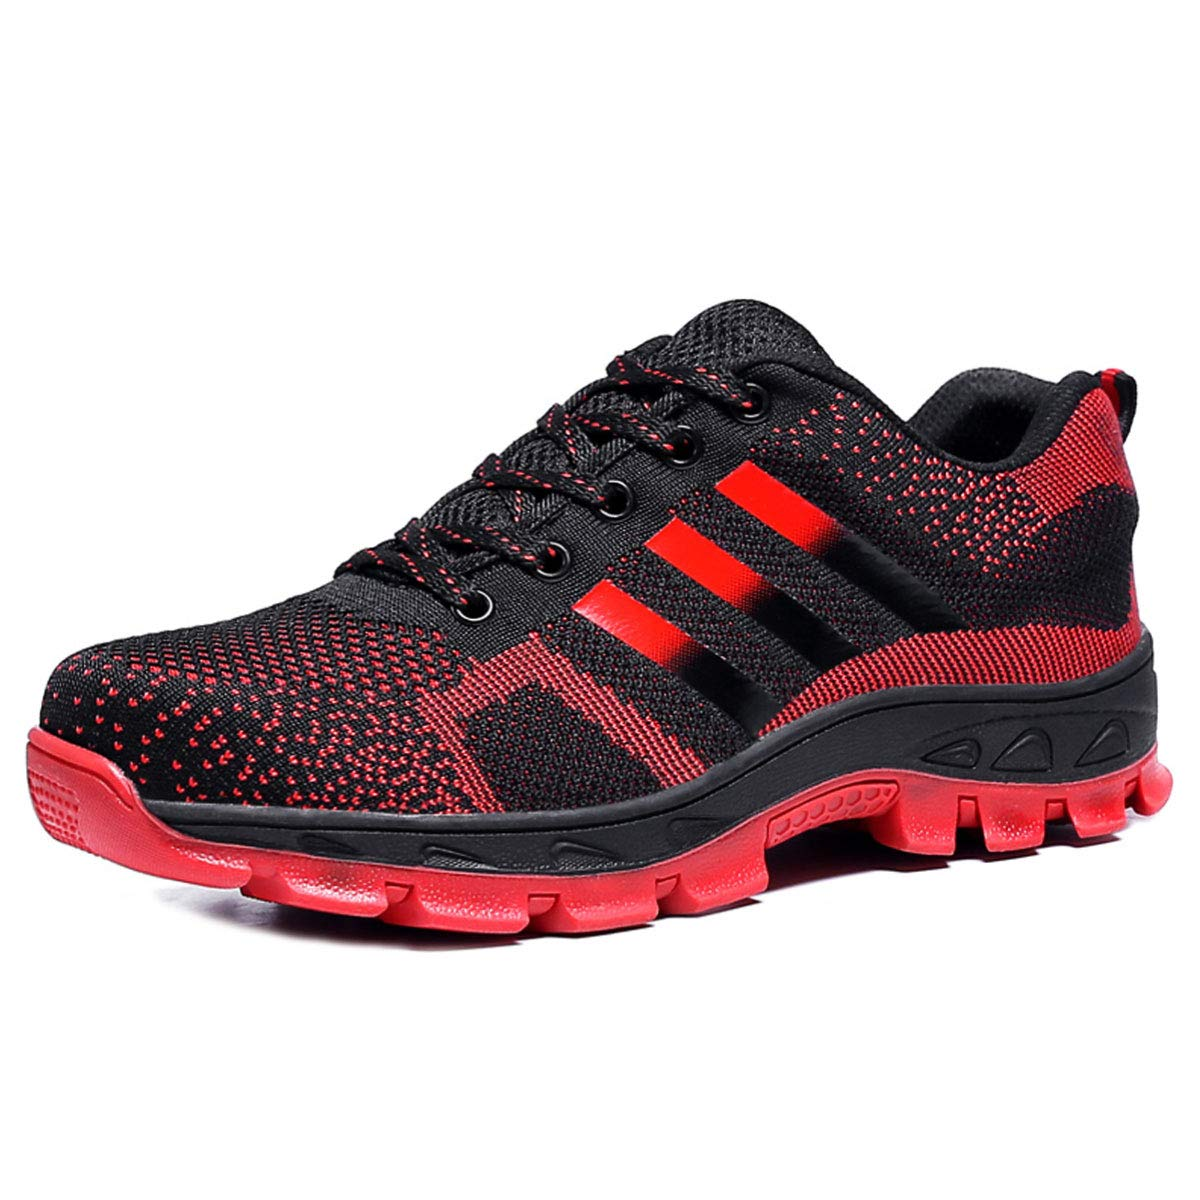 CHNHIRA Chaussures de Travail Homme Embout Acier Protection Antid/érapante Anti-Perforation Chaussures de S/écurit/é Unisexes